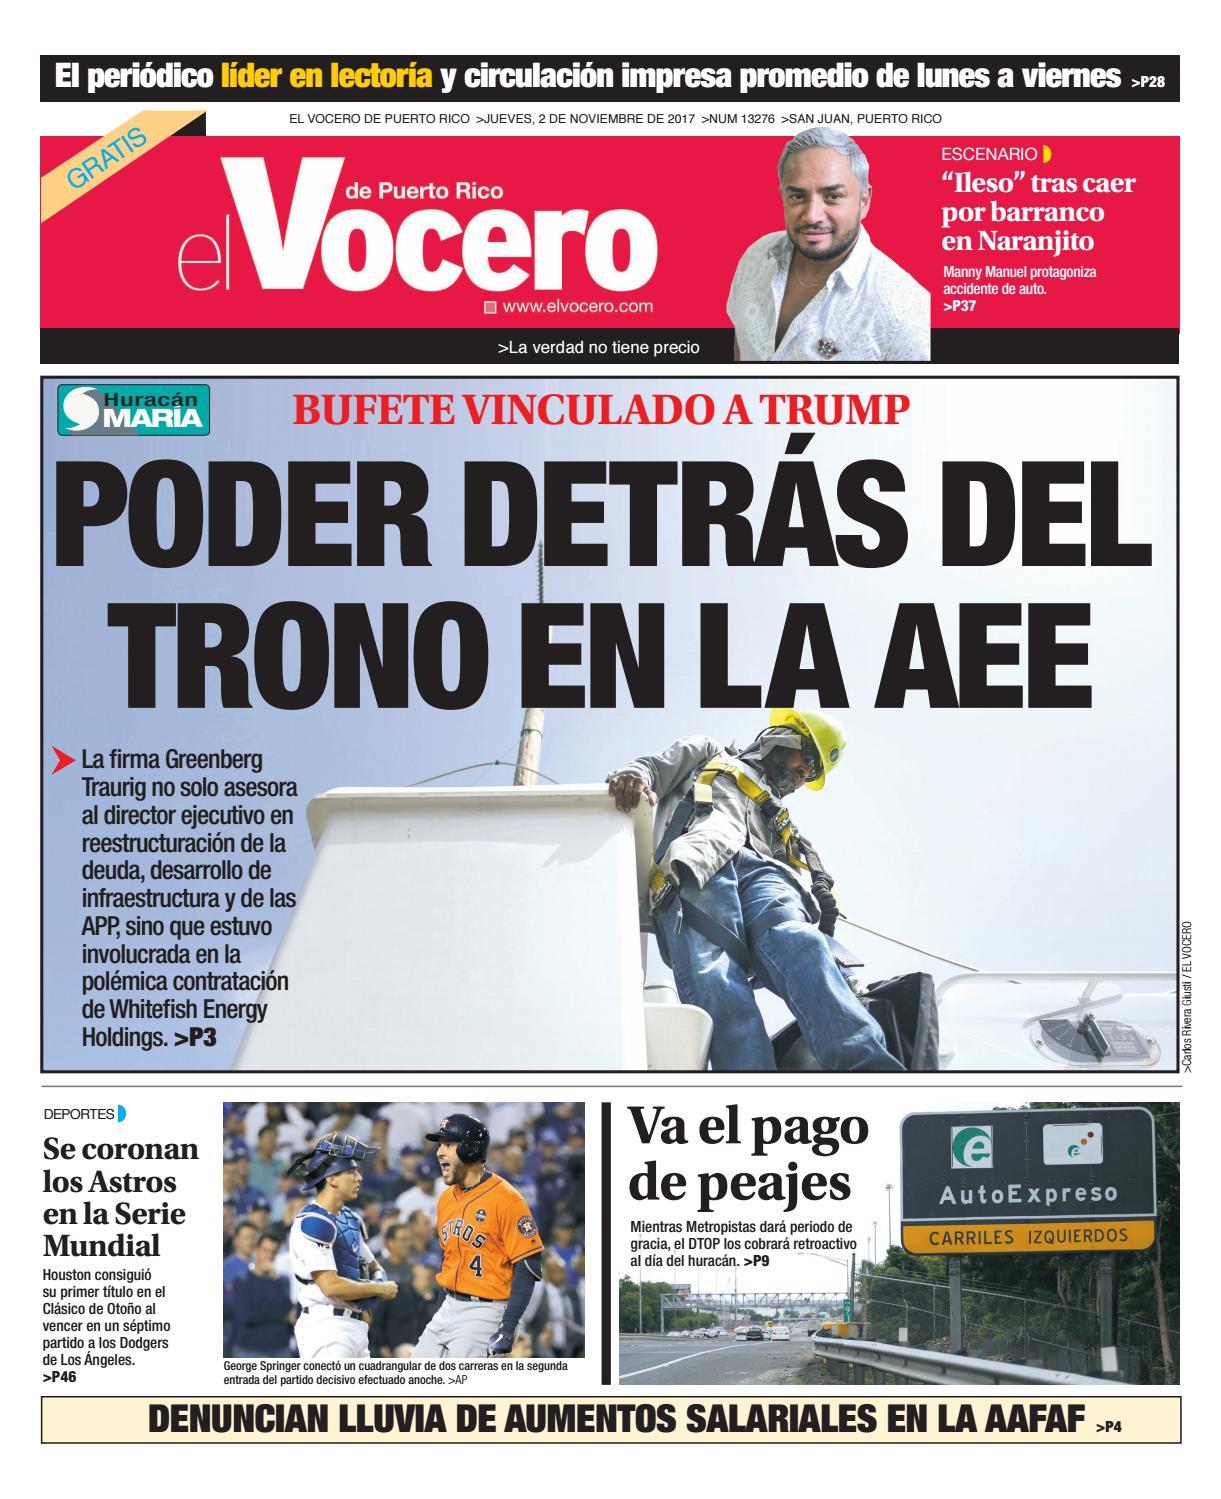 ae33b8e1a603 Edición del 2 de noviembre de 2017 by El Vocero de Puerto Rico - issuu